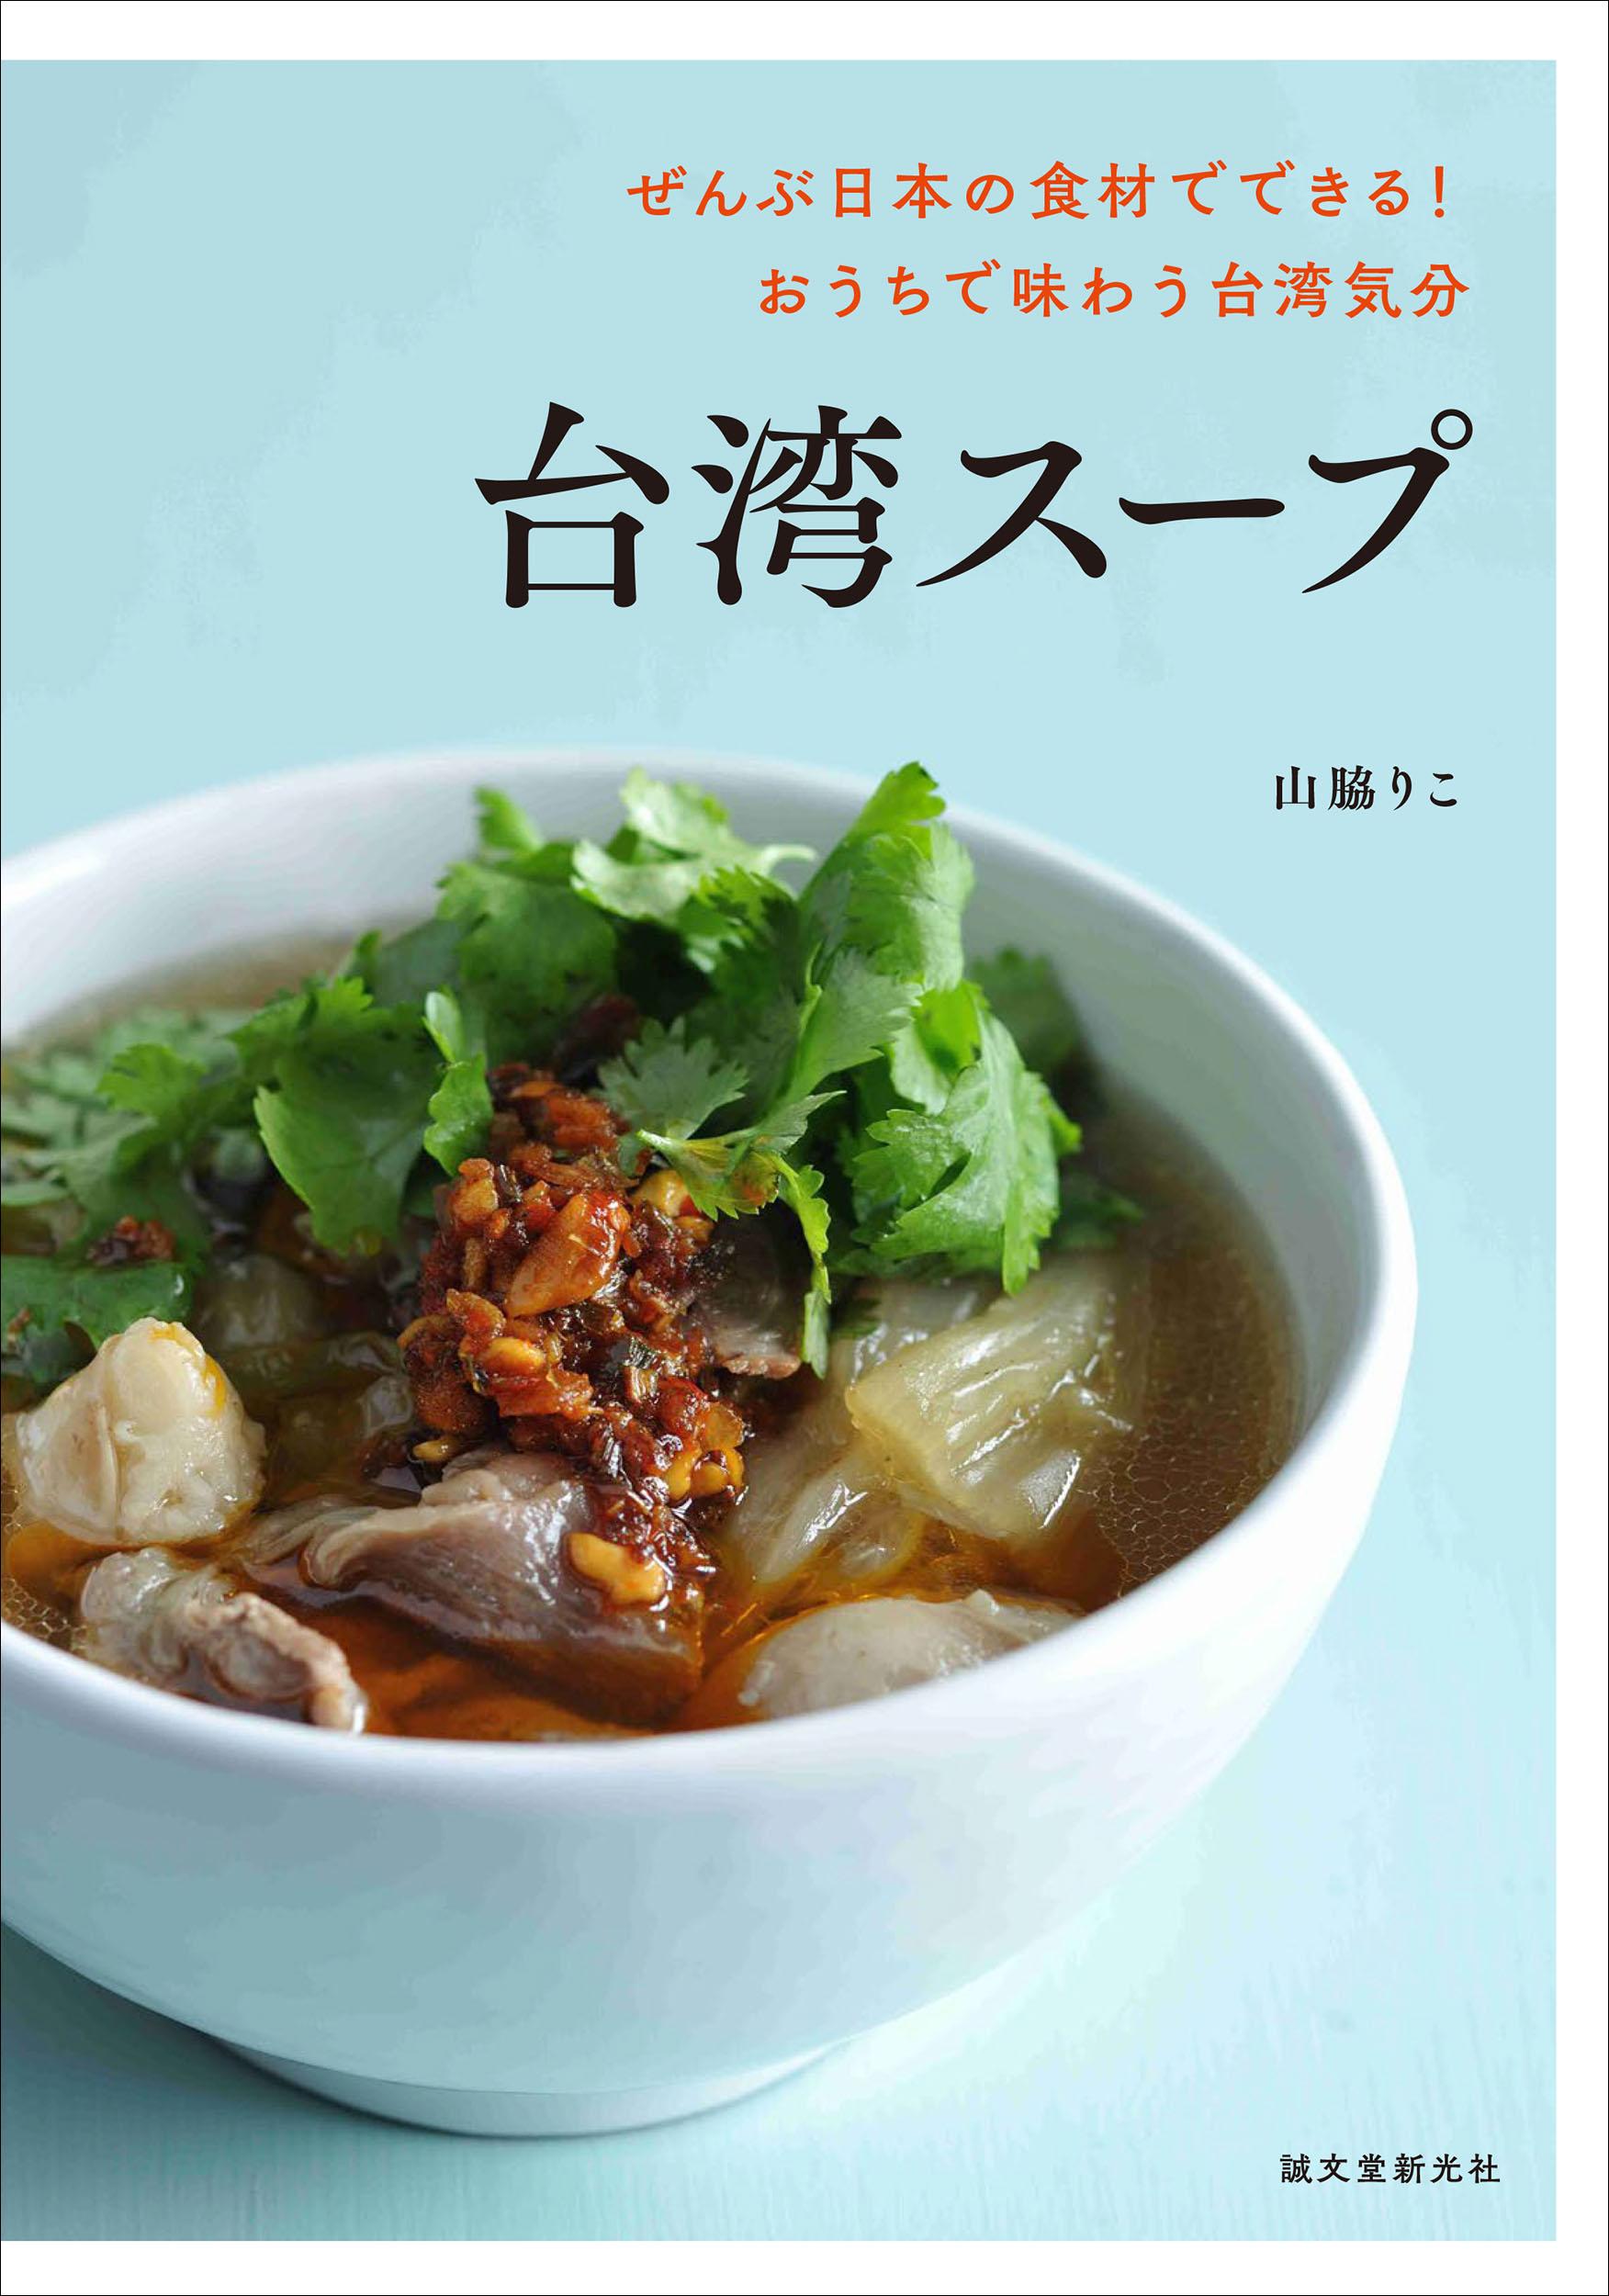 <日本の食材でできる、スープレシピ集>お家で味わう台湾気分!